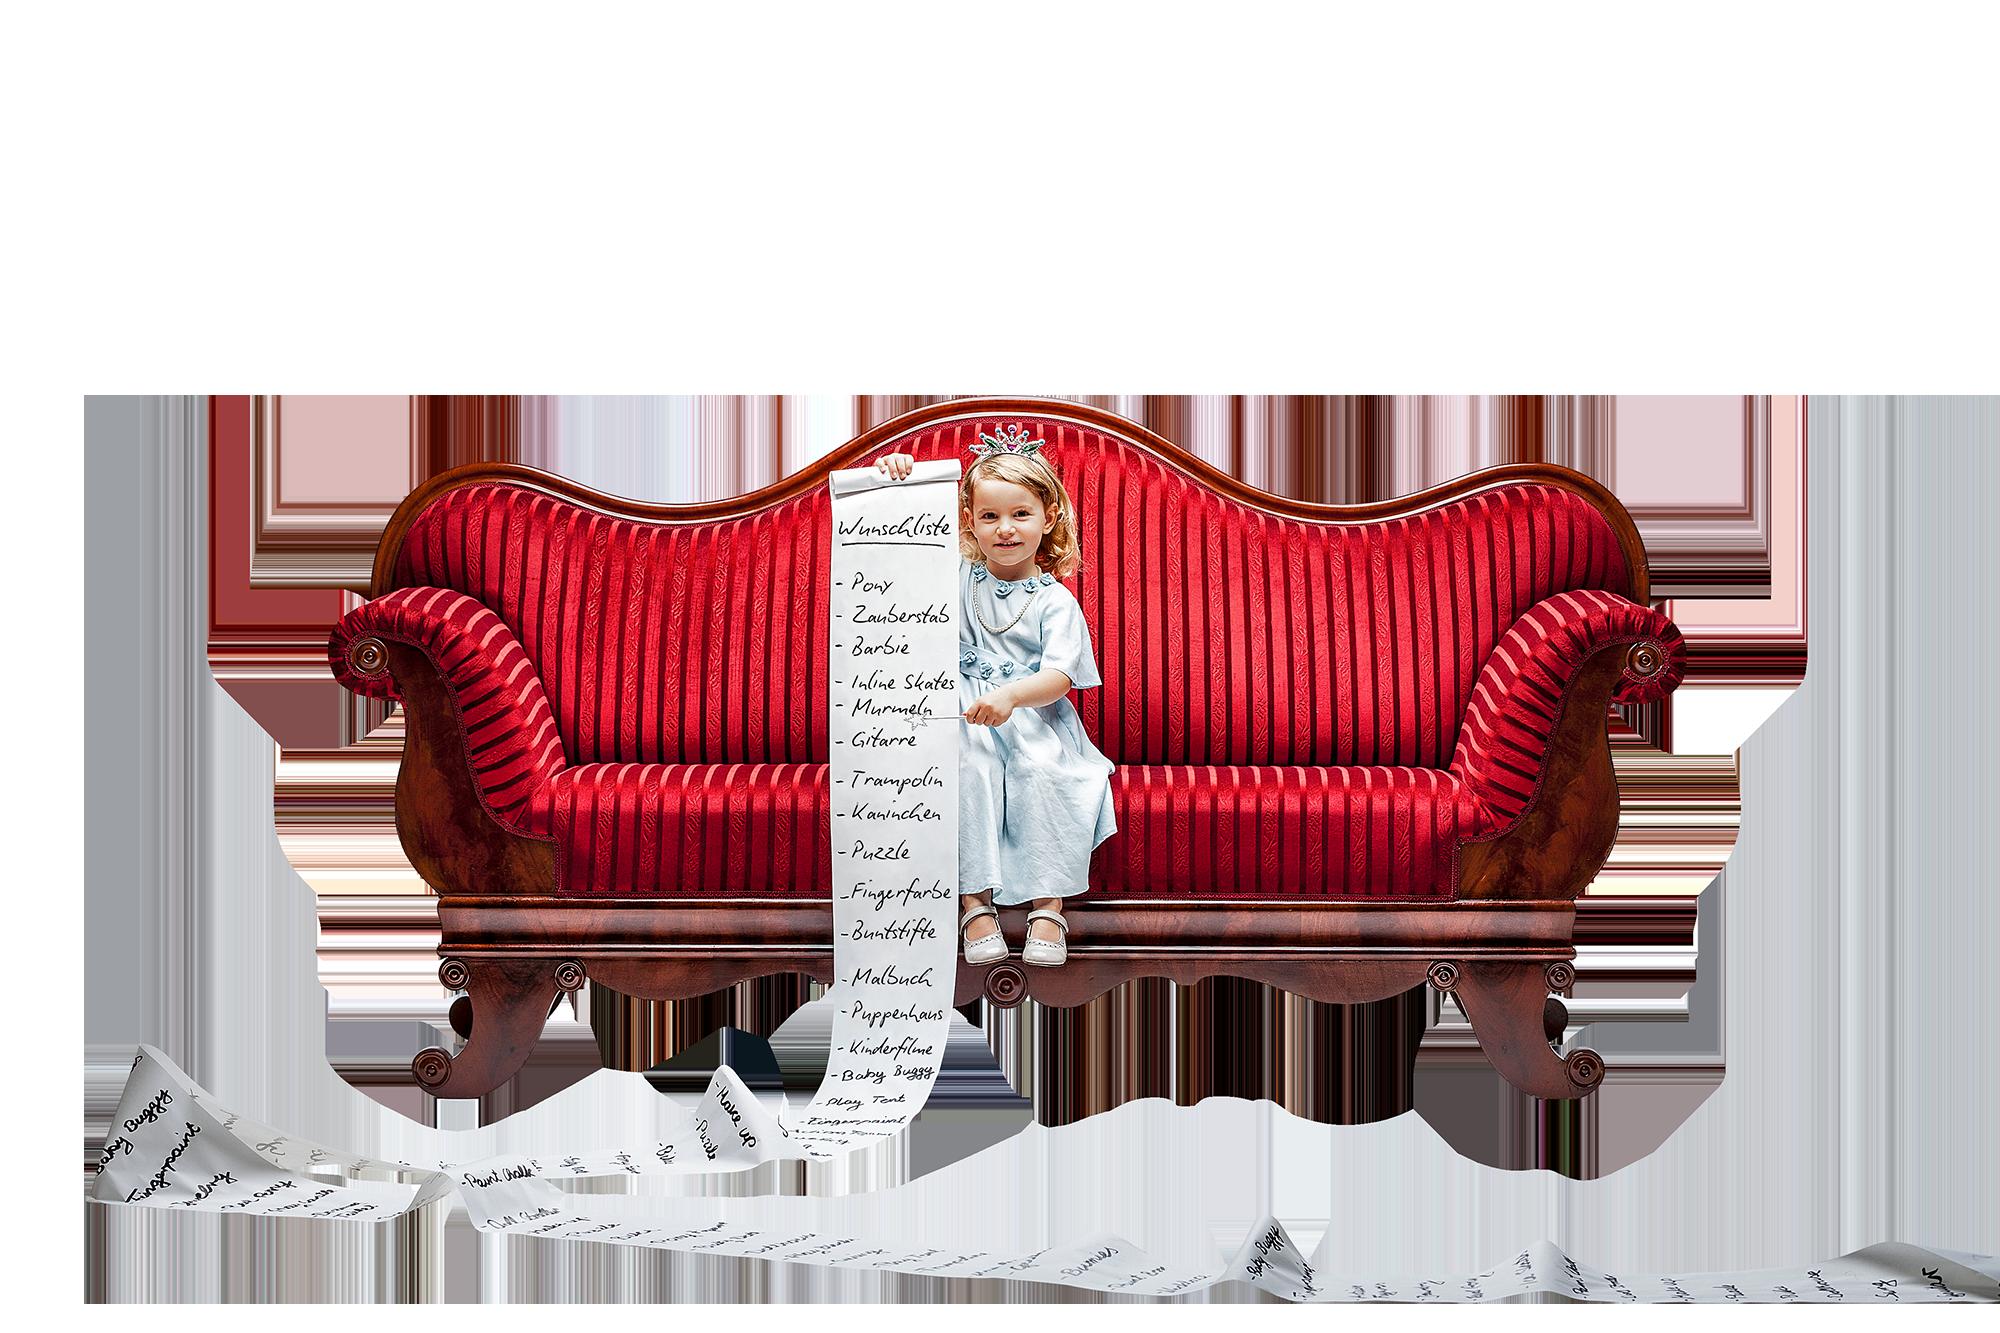 weihnachtsw nsche f r den guten zweck kinderlachen. Black Bedroom Furniture Sets. Home Design Ideas